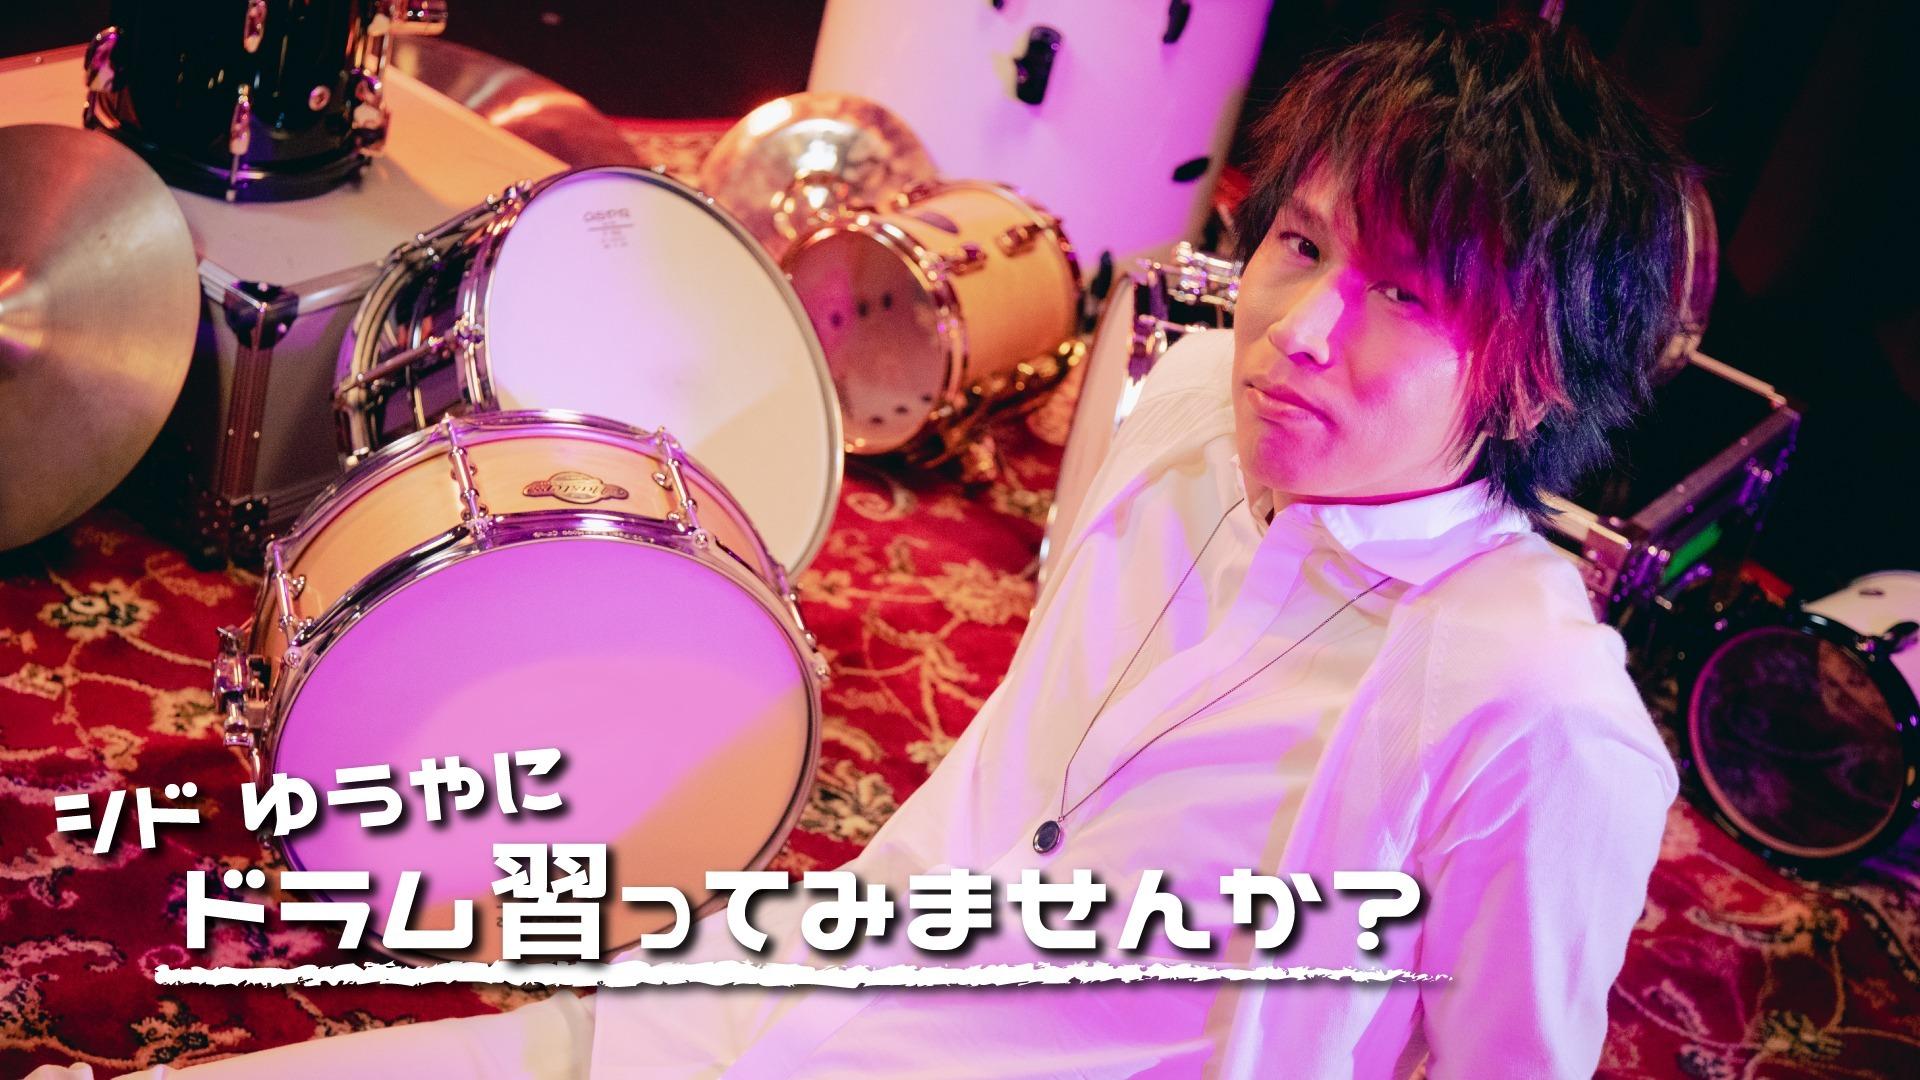 シド ゆうやにドラム習ってみませんか?